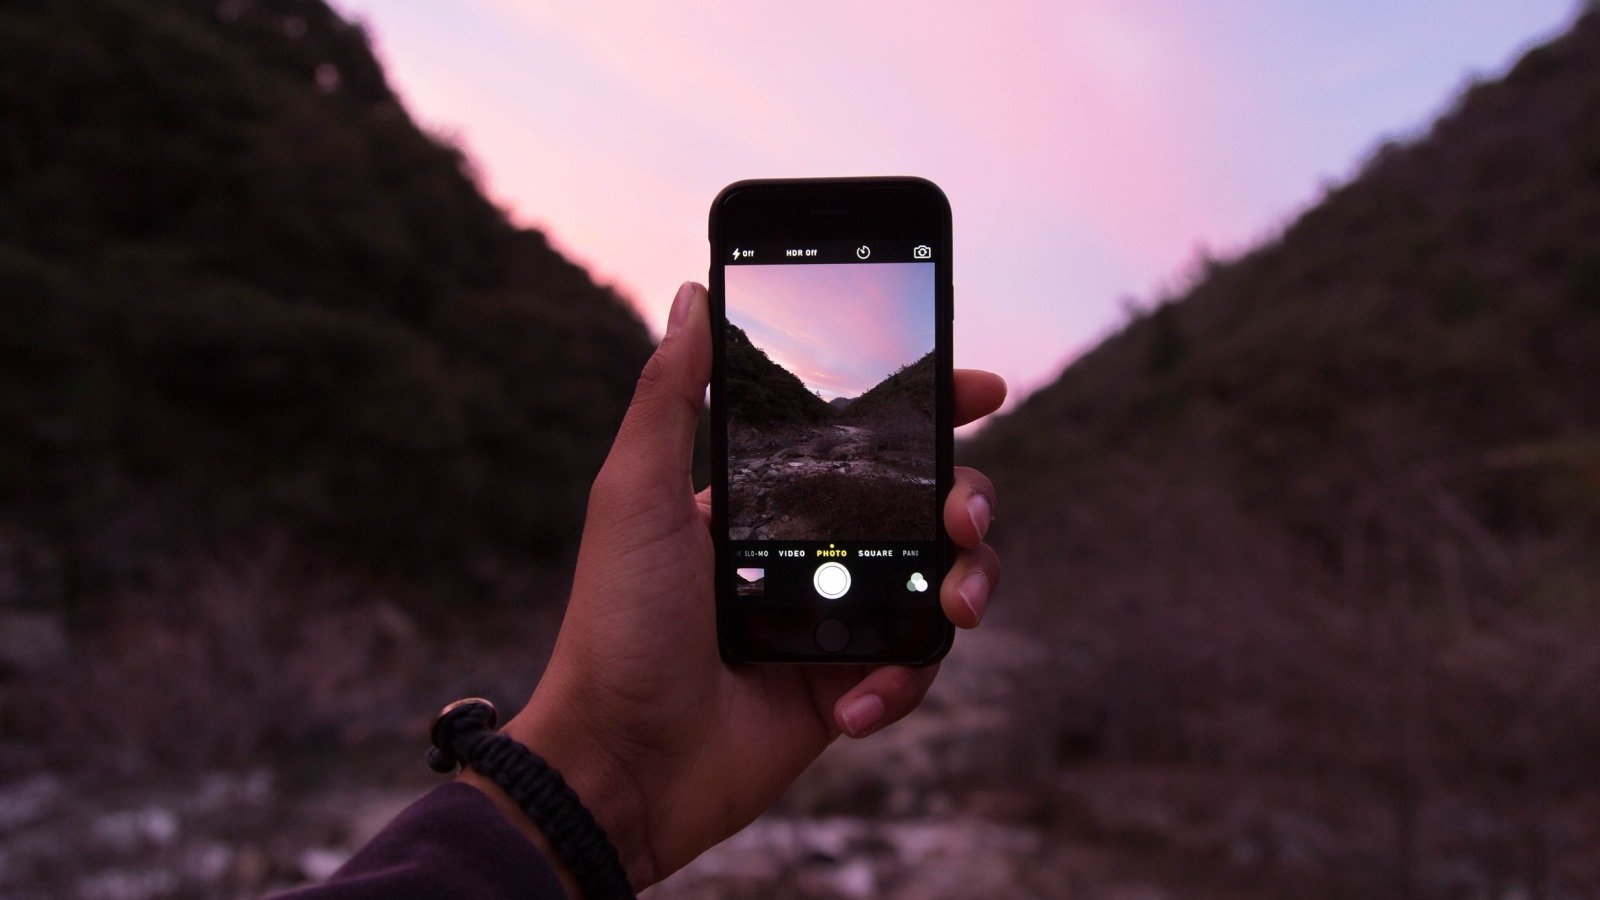 Come creare una applicazione di Foto Editing per iOS con Swift.